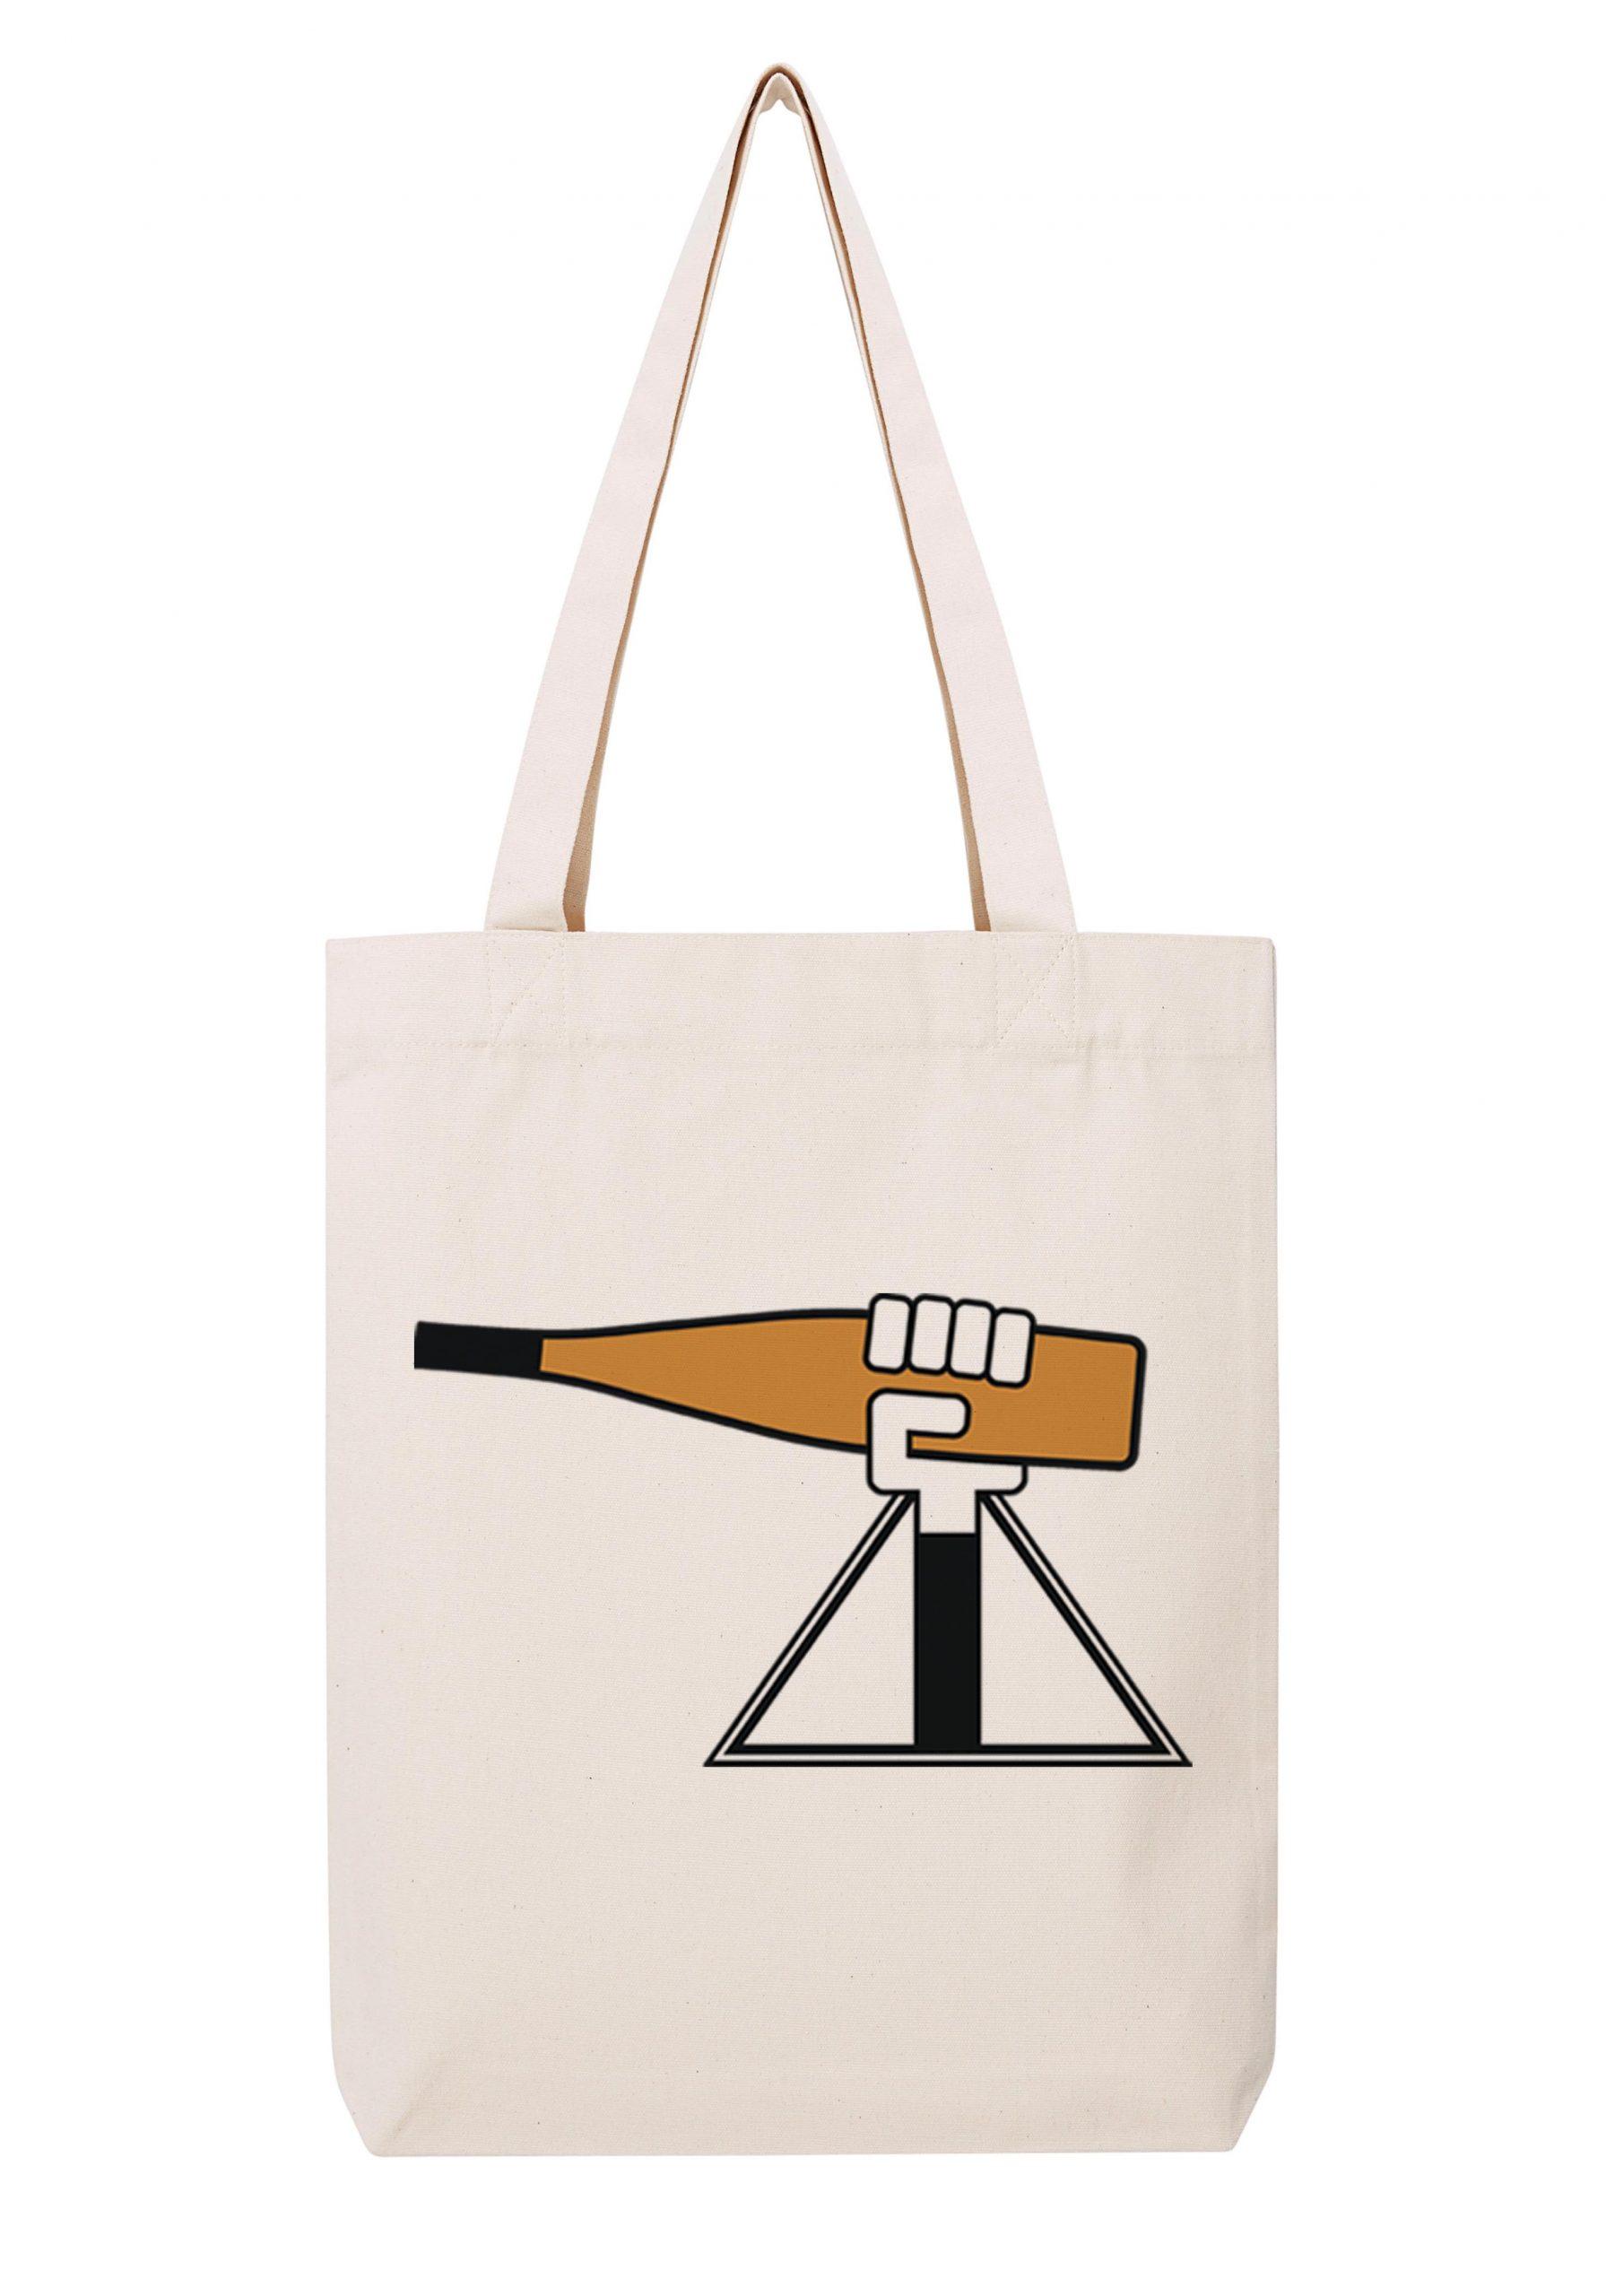 alsacienne homme blanc sac coton tote bag bio bocavi du vin dans ta penderie bouteilles viticole vigneron wine